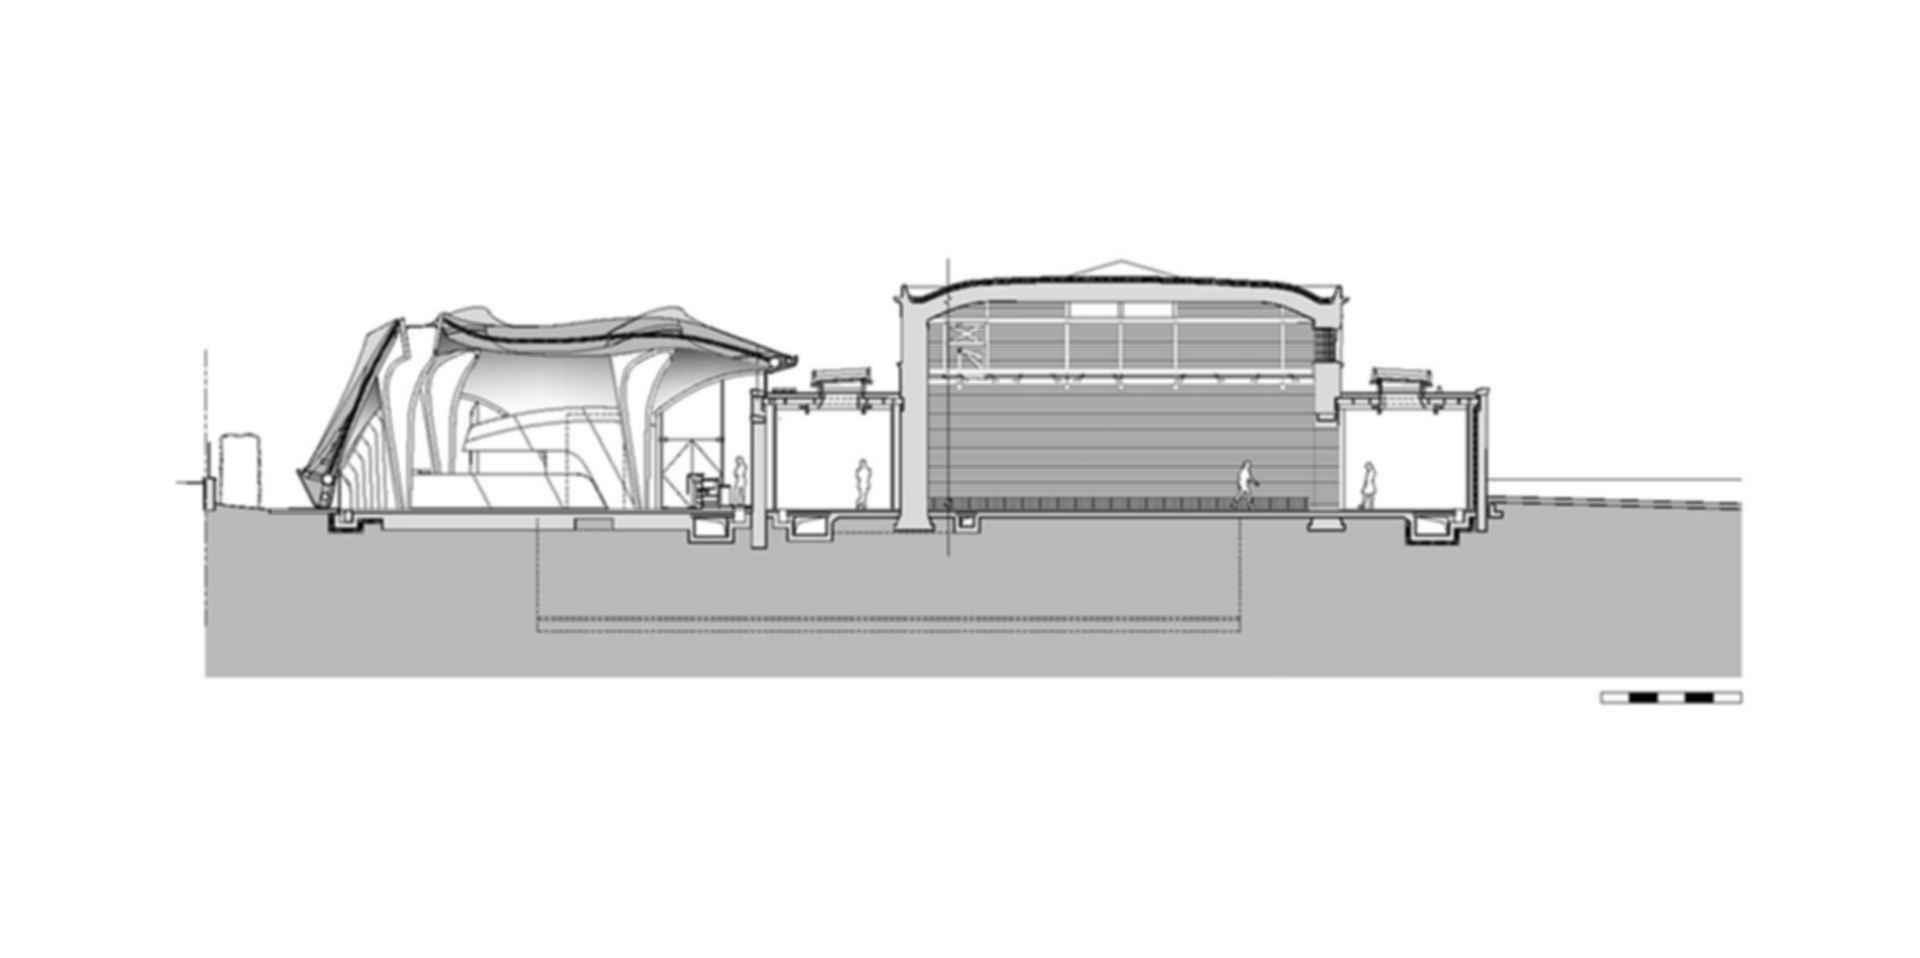 The Serpentine Sackler - Concept Design